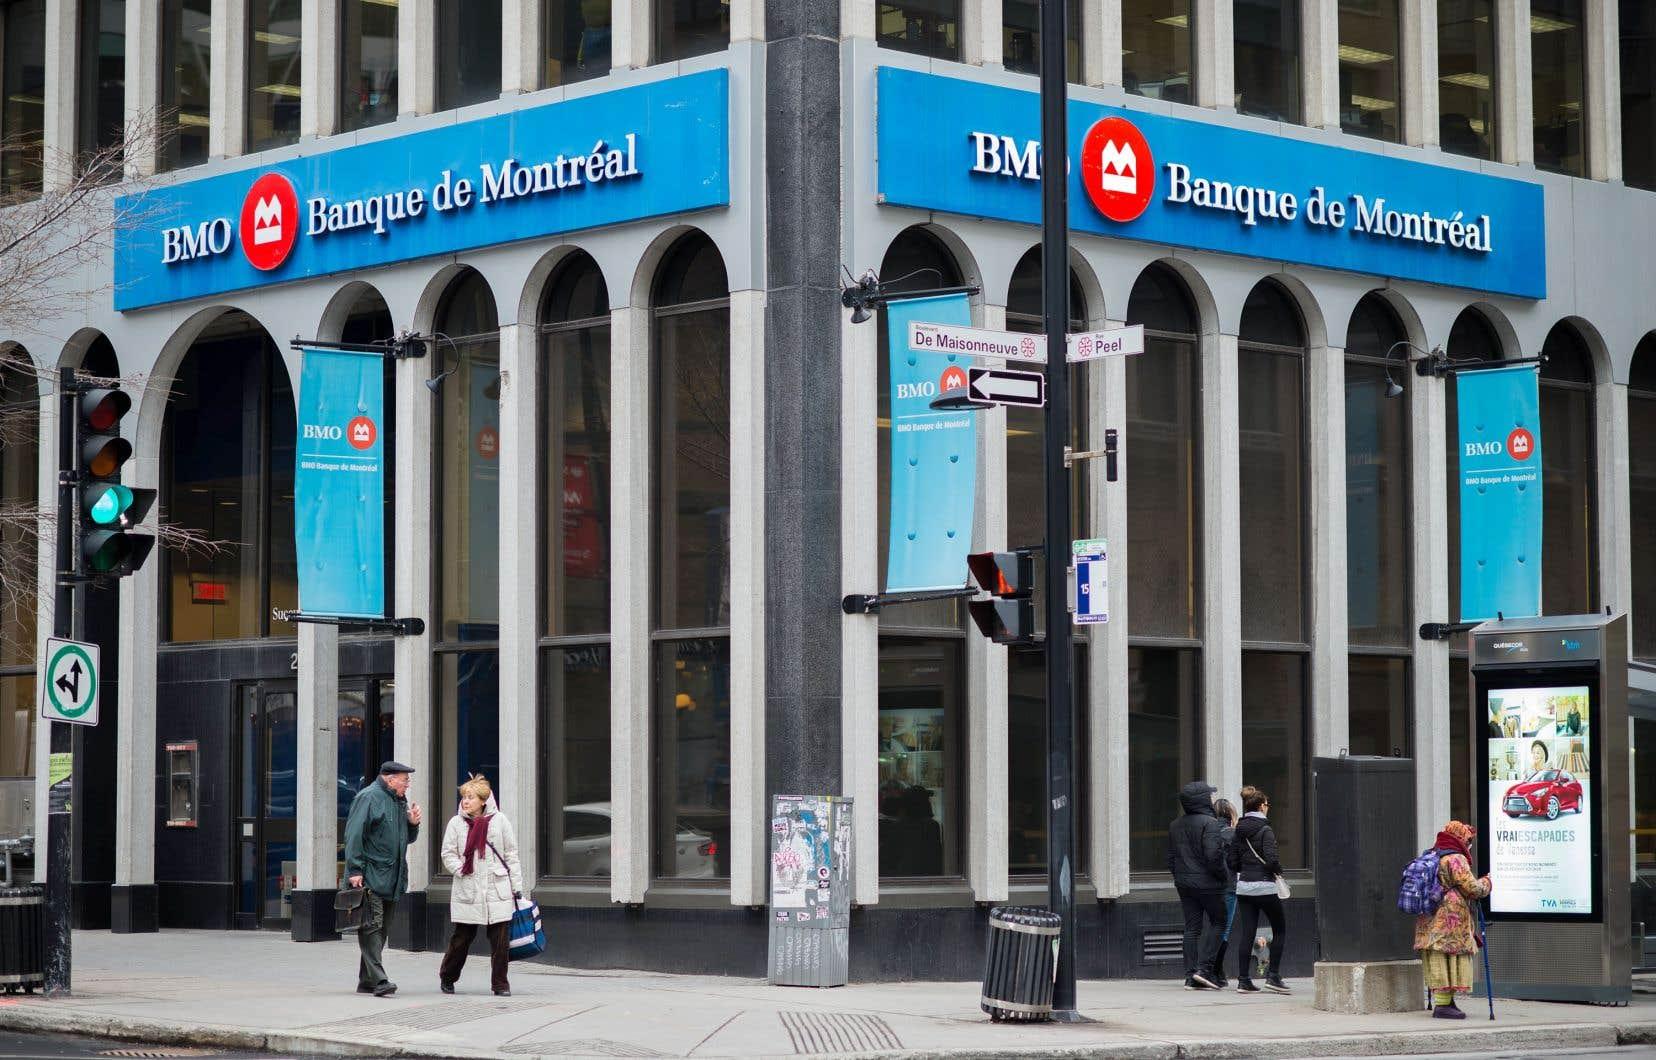 Pour l'exercice, la Banque de Montréal a comptabilisé un bénéfice de 5,35milliards, soit 7,92$ par action, en hausse par rapport à celui de 4,63milliards de l'exercice précédent, ou 6,92$ par action.